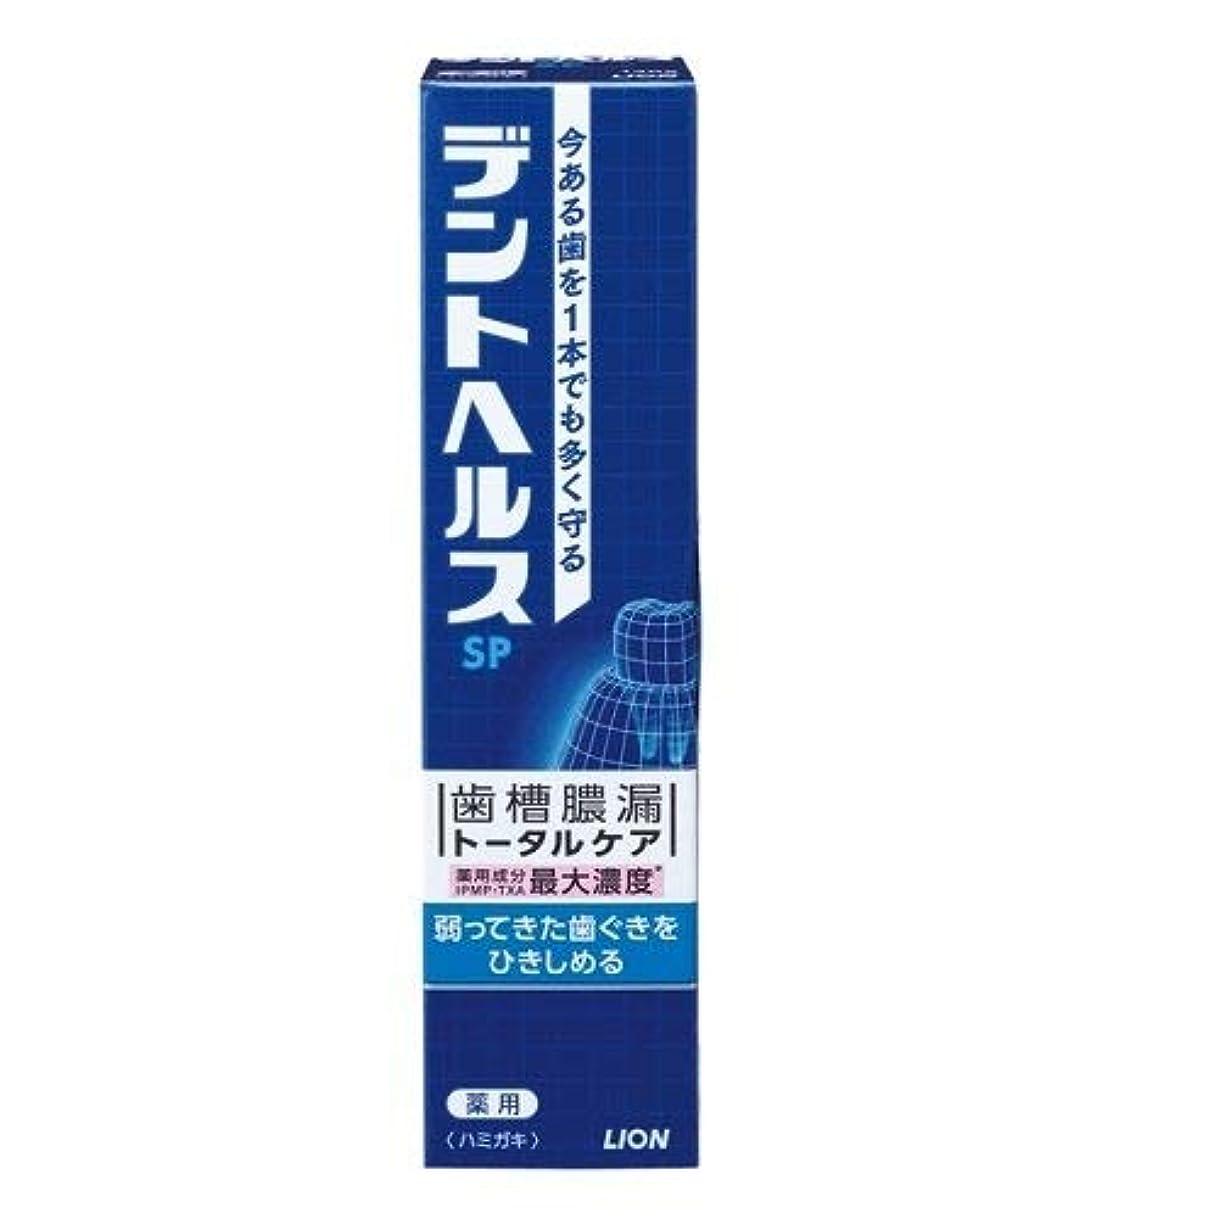 防衛維持する分散ライオン デントヘルス 薬用ハミガキ SP 120g (医薬部外品)× 4